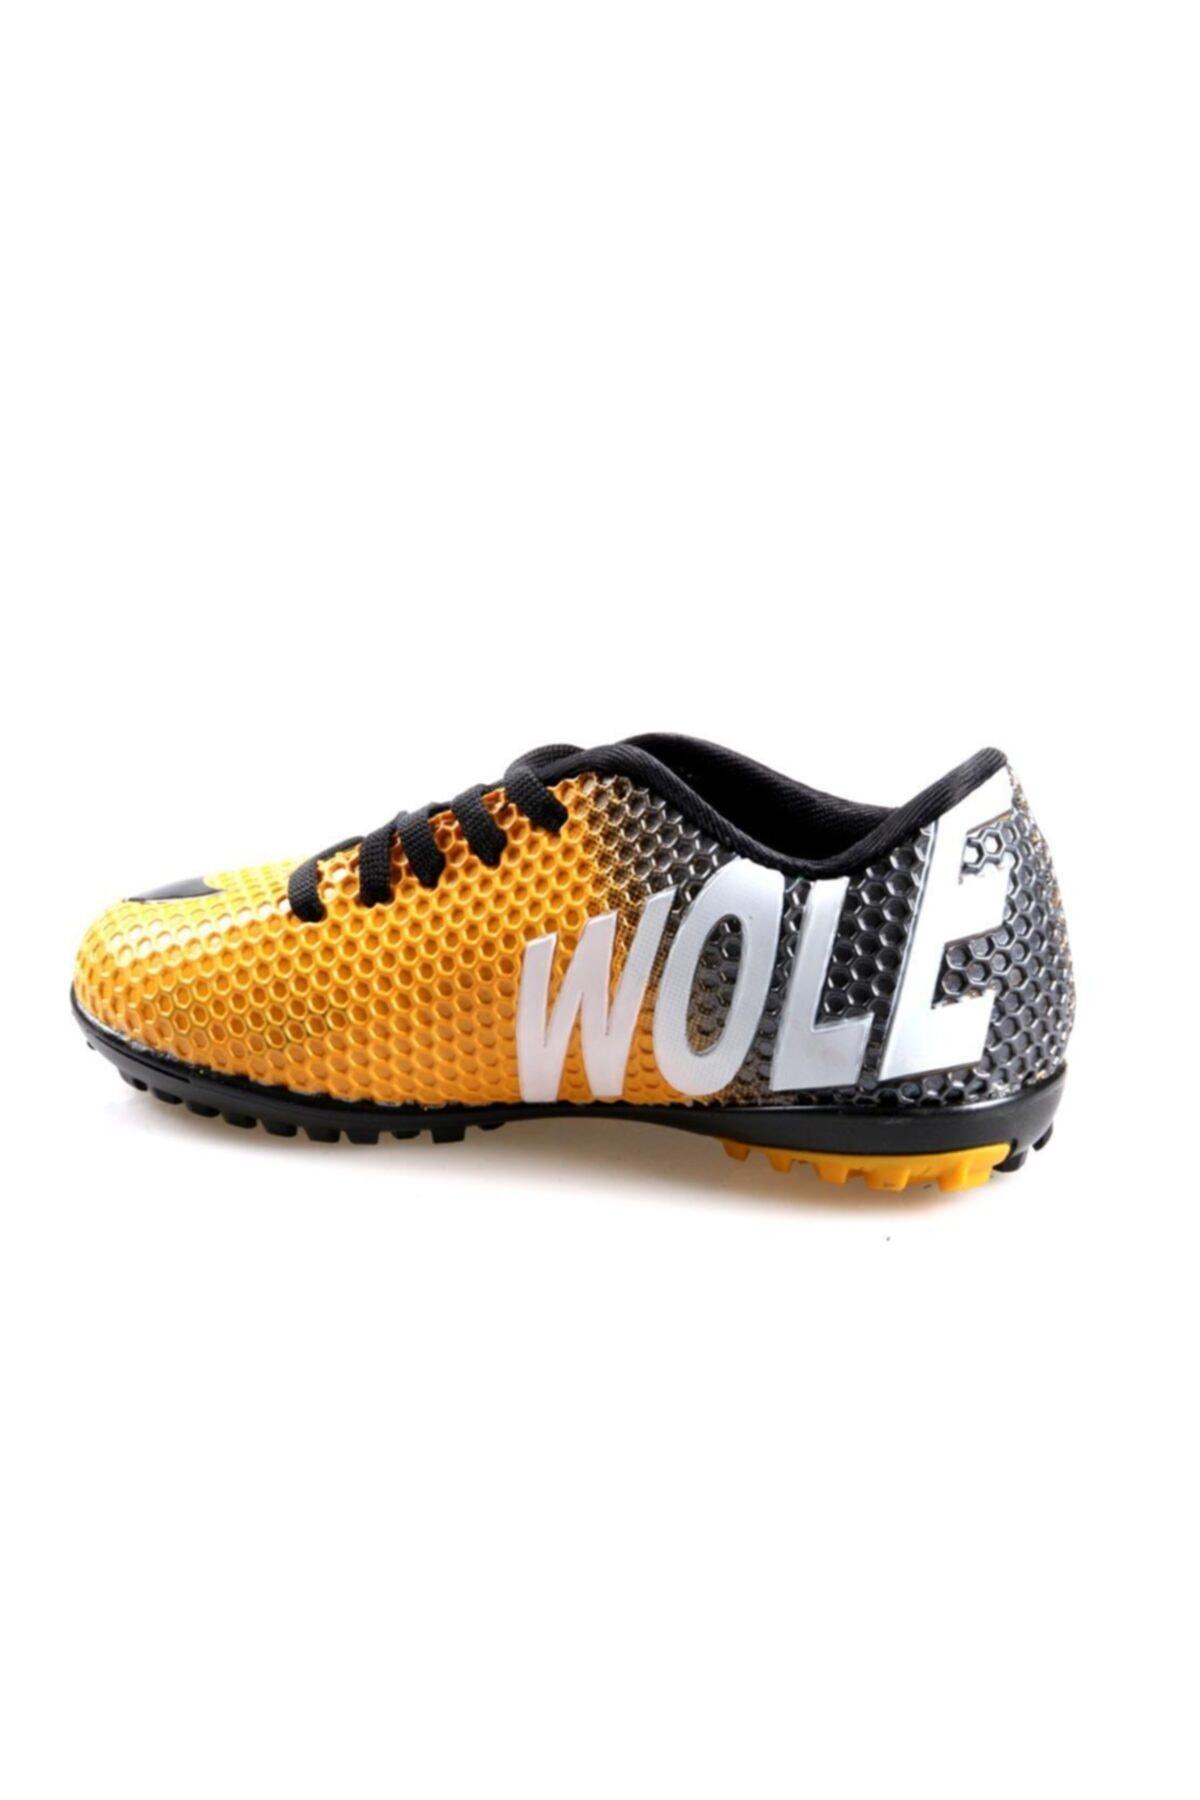 Pinkstep Wolecool 3 Renk Renk Erkek Çocuk Futbol Ayakkabı 2